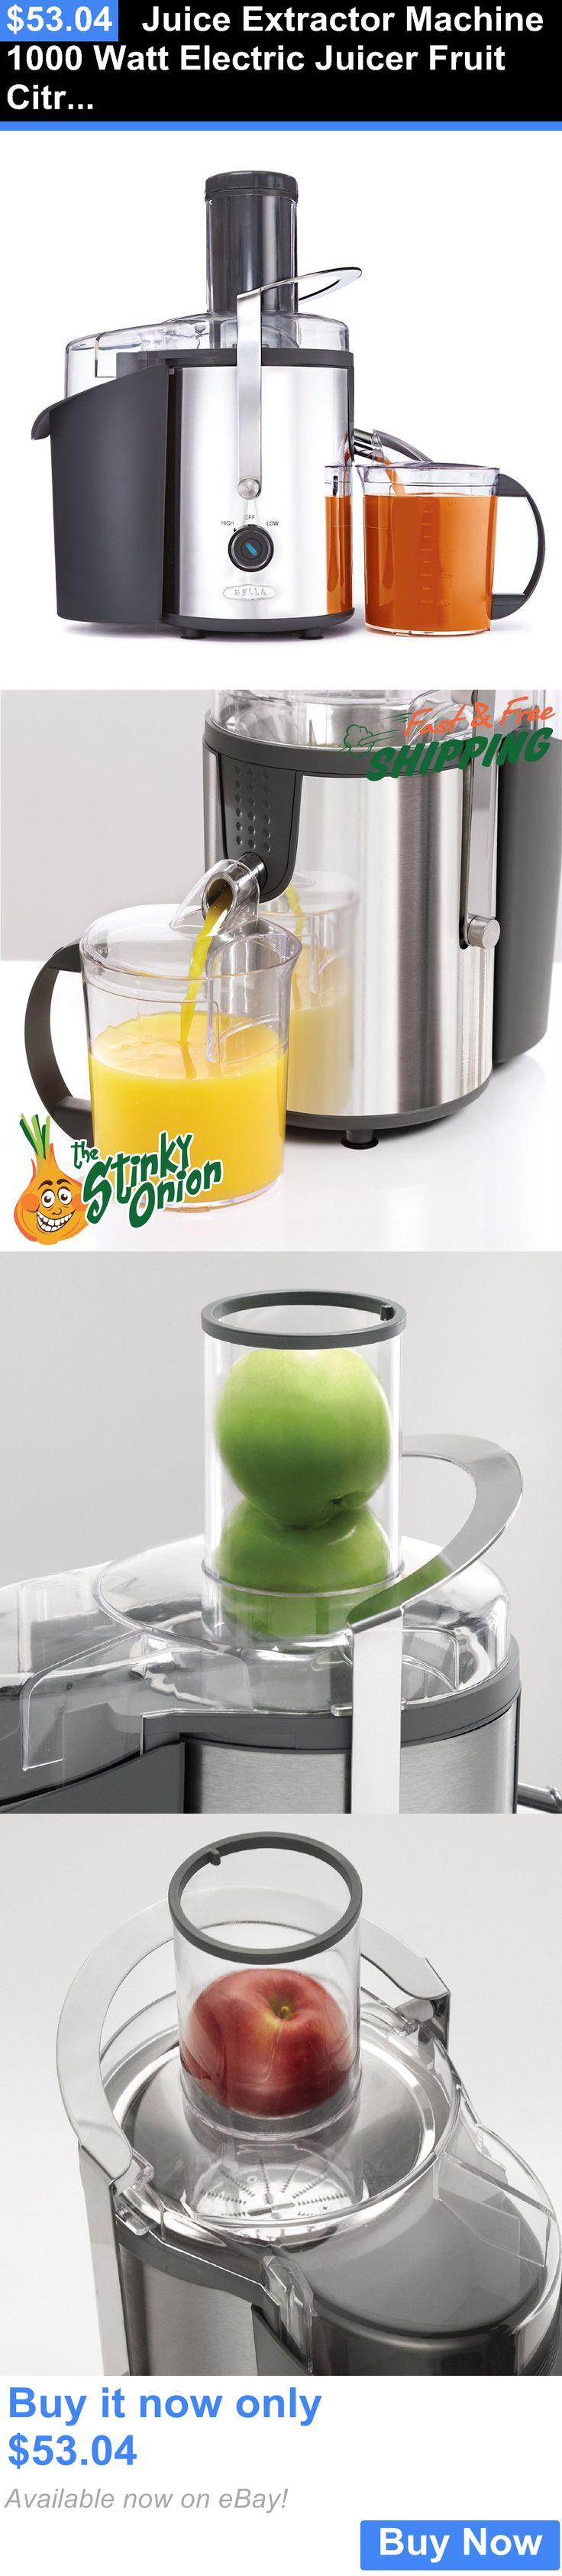 appliances: Juice Extractor Machine 1000 Watt Electric Juicer Fruit Citrus Squeezer BUY IT NOW ONLY: $53.04